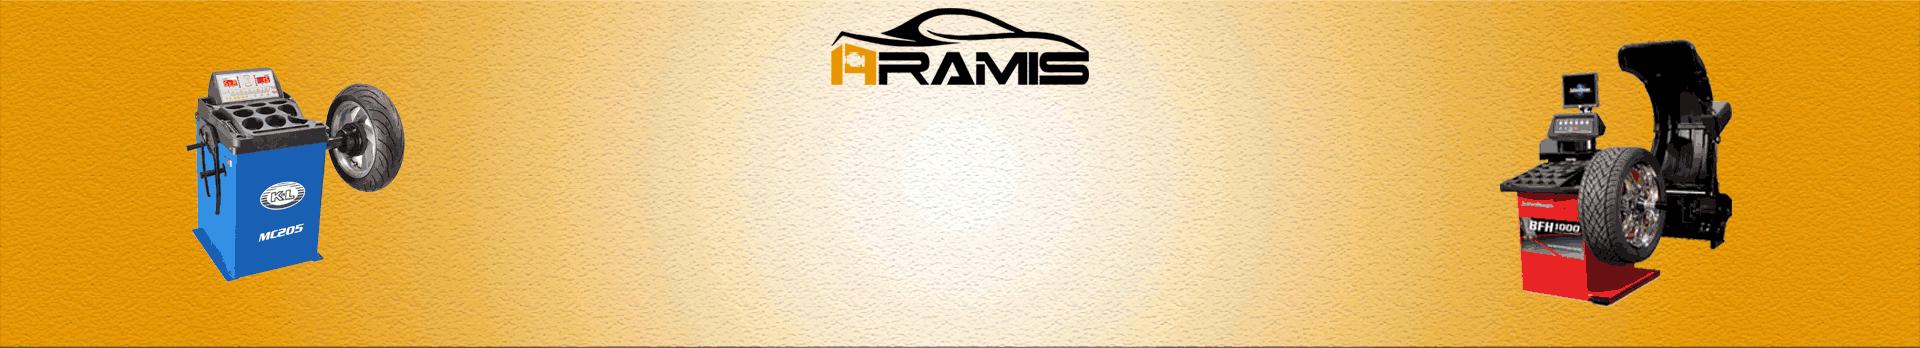 دستگاه بالانس چرخ سواری | قیمت و خرید بالانس تایر مخصوص خودروهای سواری دیجیتال و مانیتوری